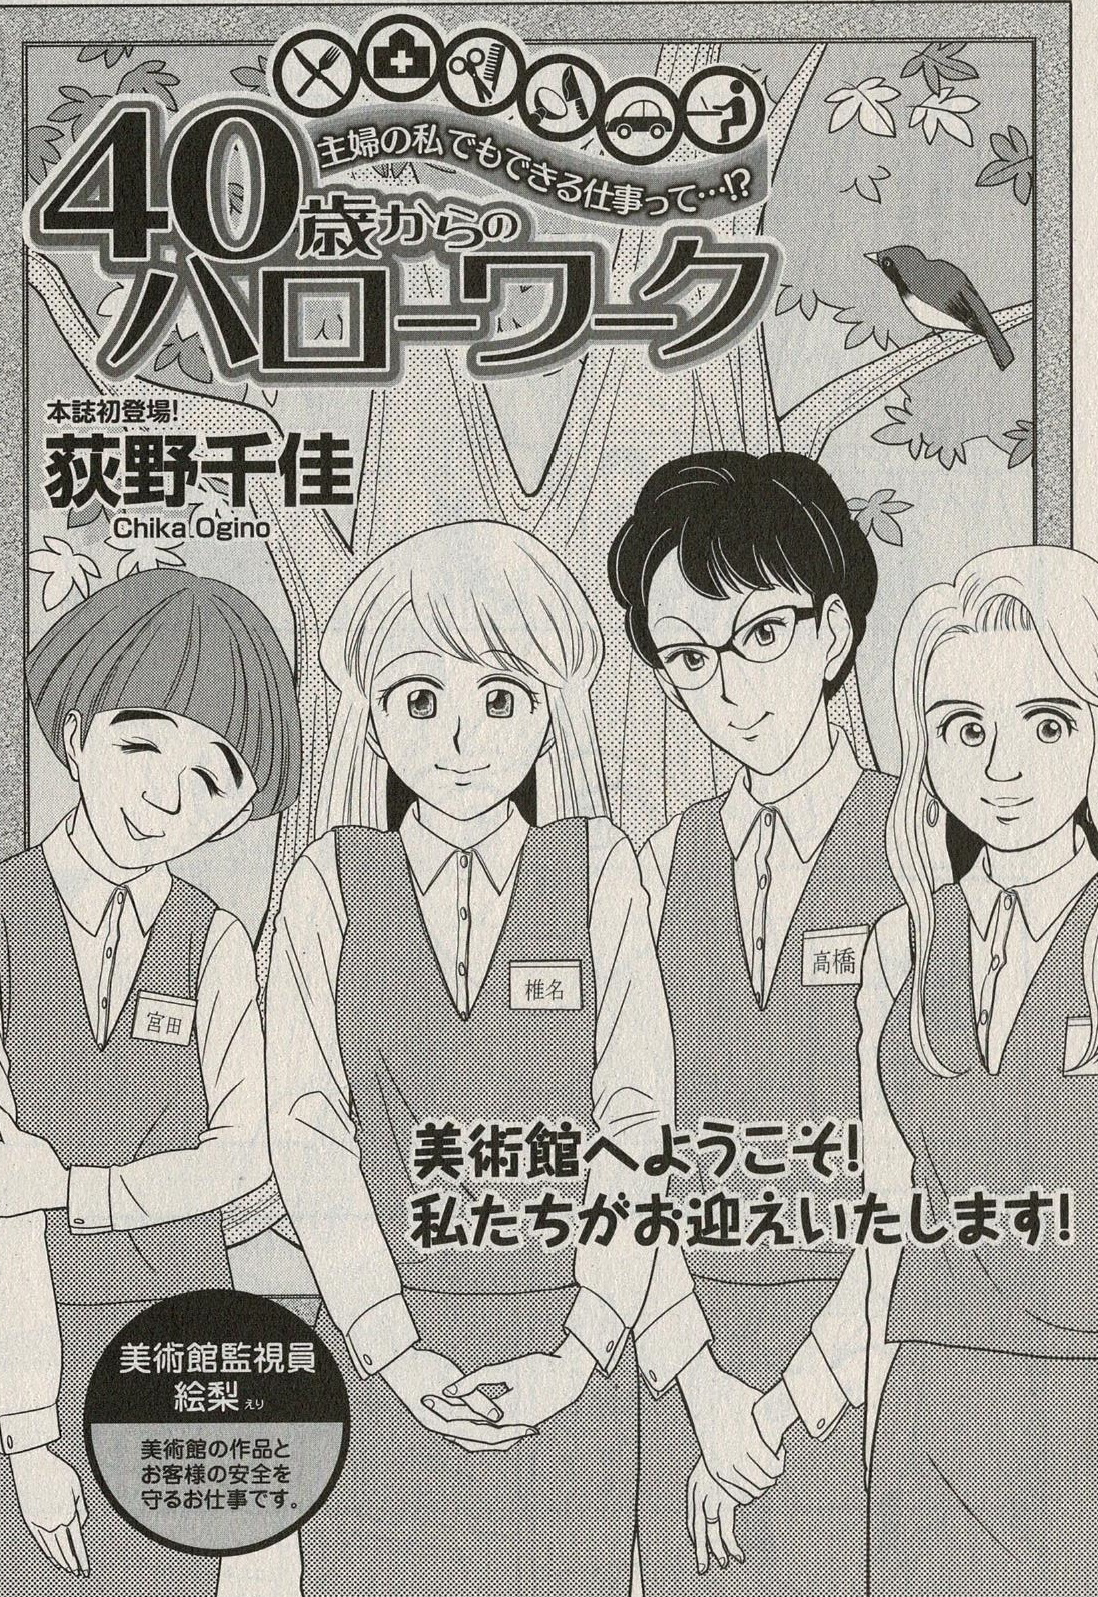 (株)秋田書店様発行【エレガンスイブ】に読み切りマンガを描きました!